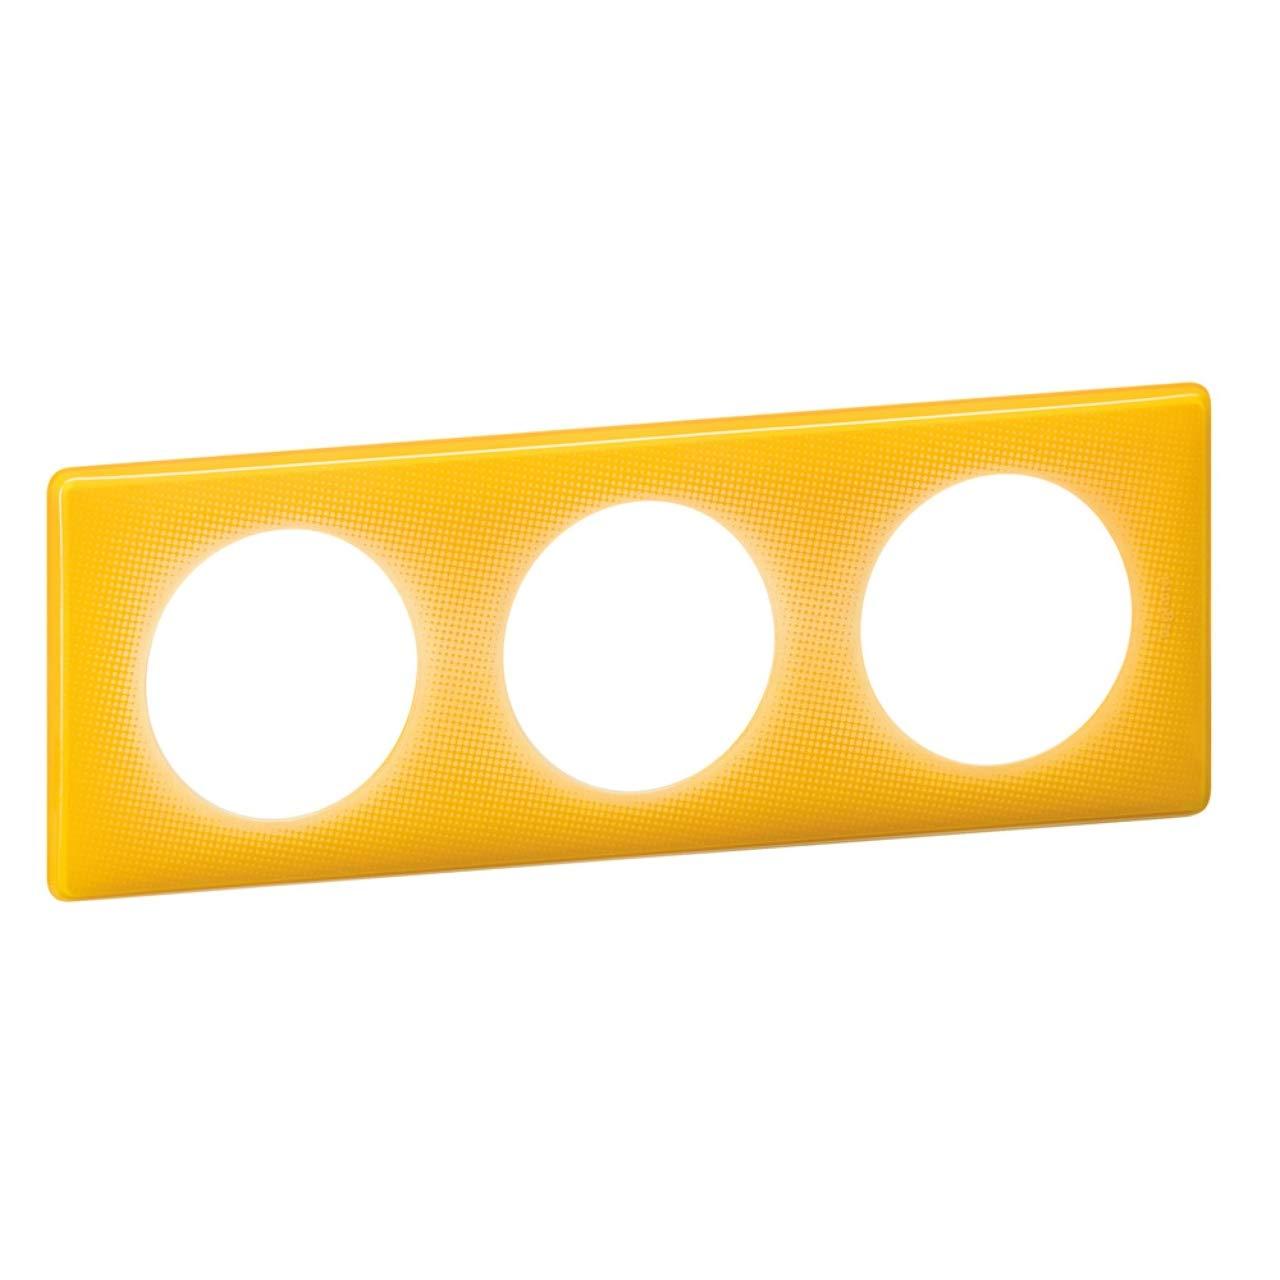 plaque legrand c/éliane 3 postes jaune today